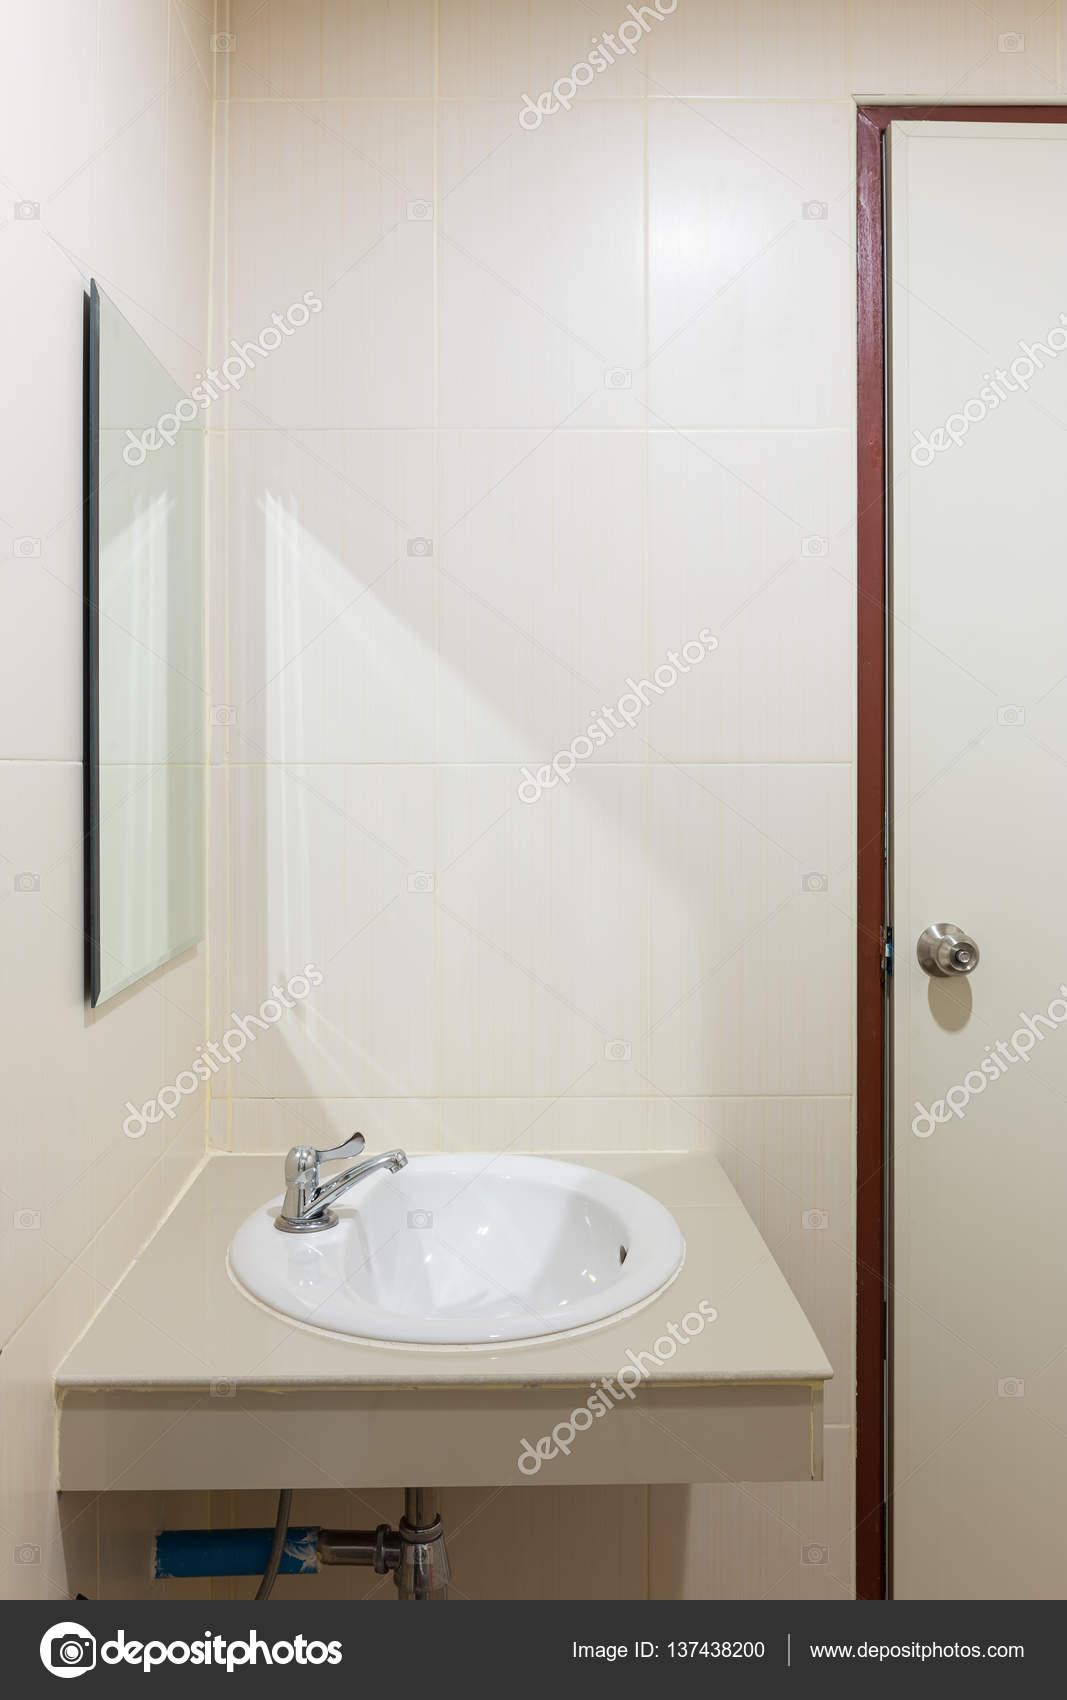 Cuarto de baño y accesorios — Foto de stock © roncivil #137438200